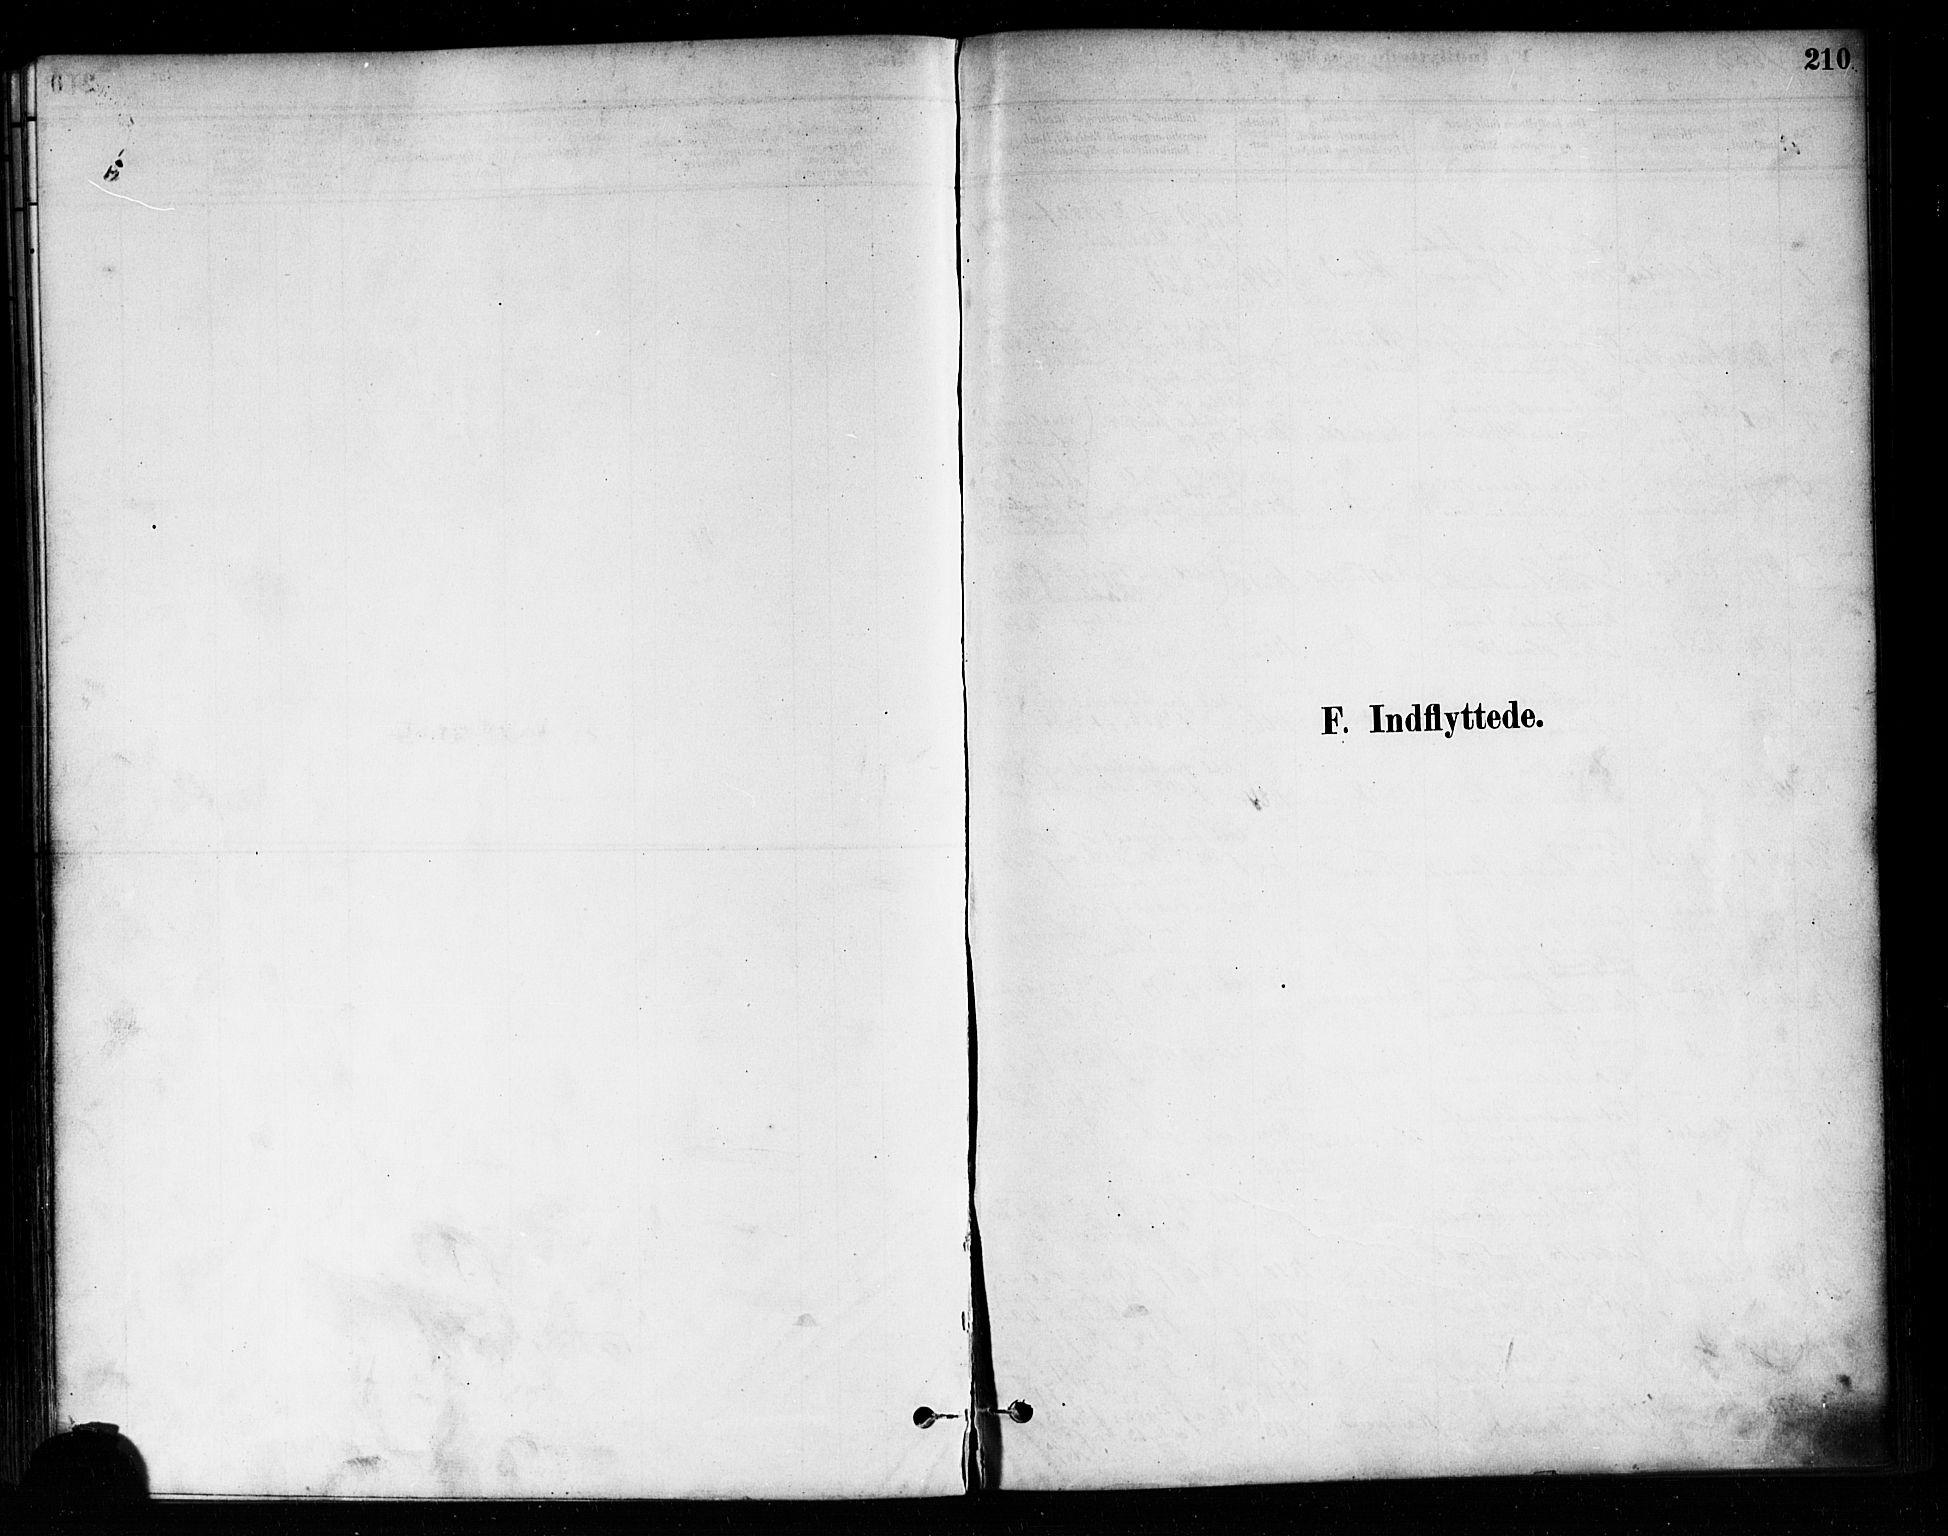 SAO, Askim prestekontor Kirkebøker, F/Fa/L0007: Ministerialbok nr. 7, 1882-1897, s. 210